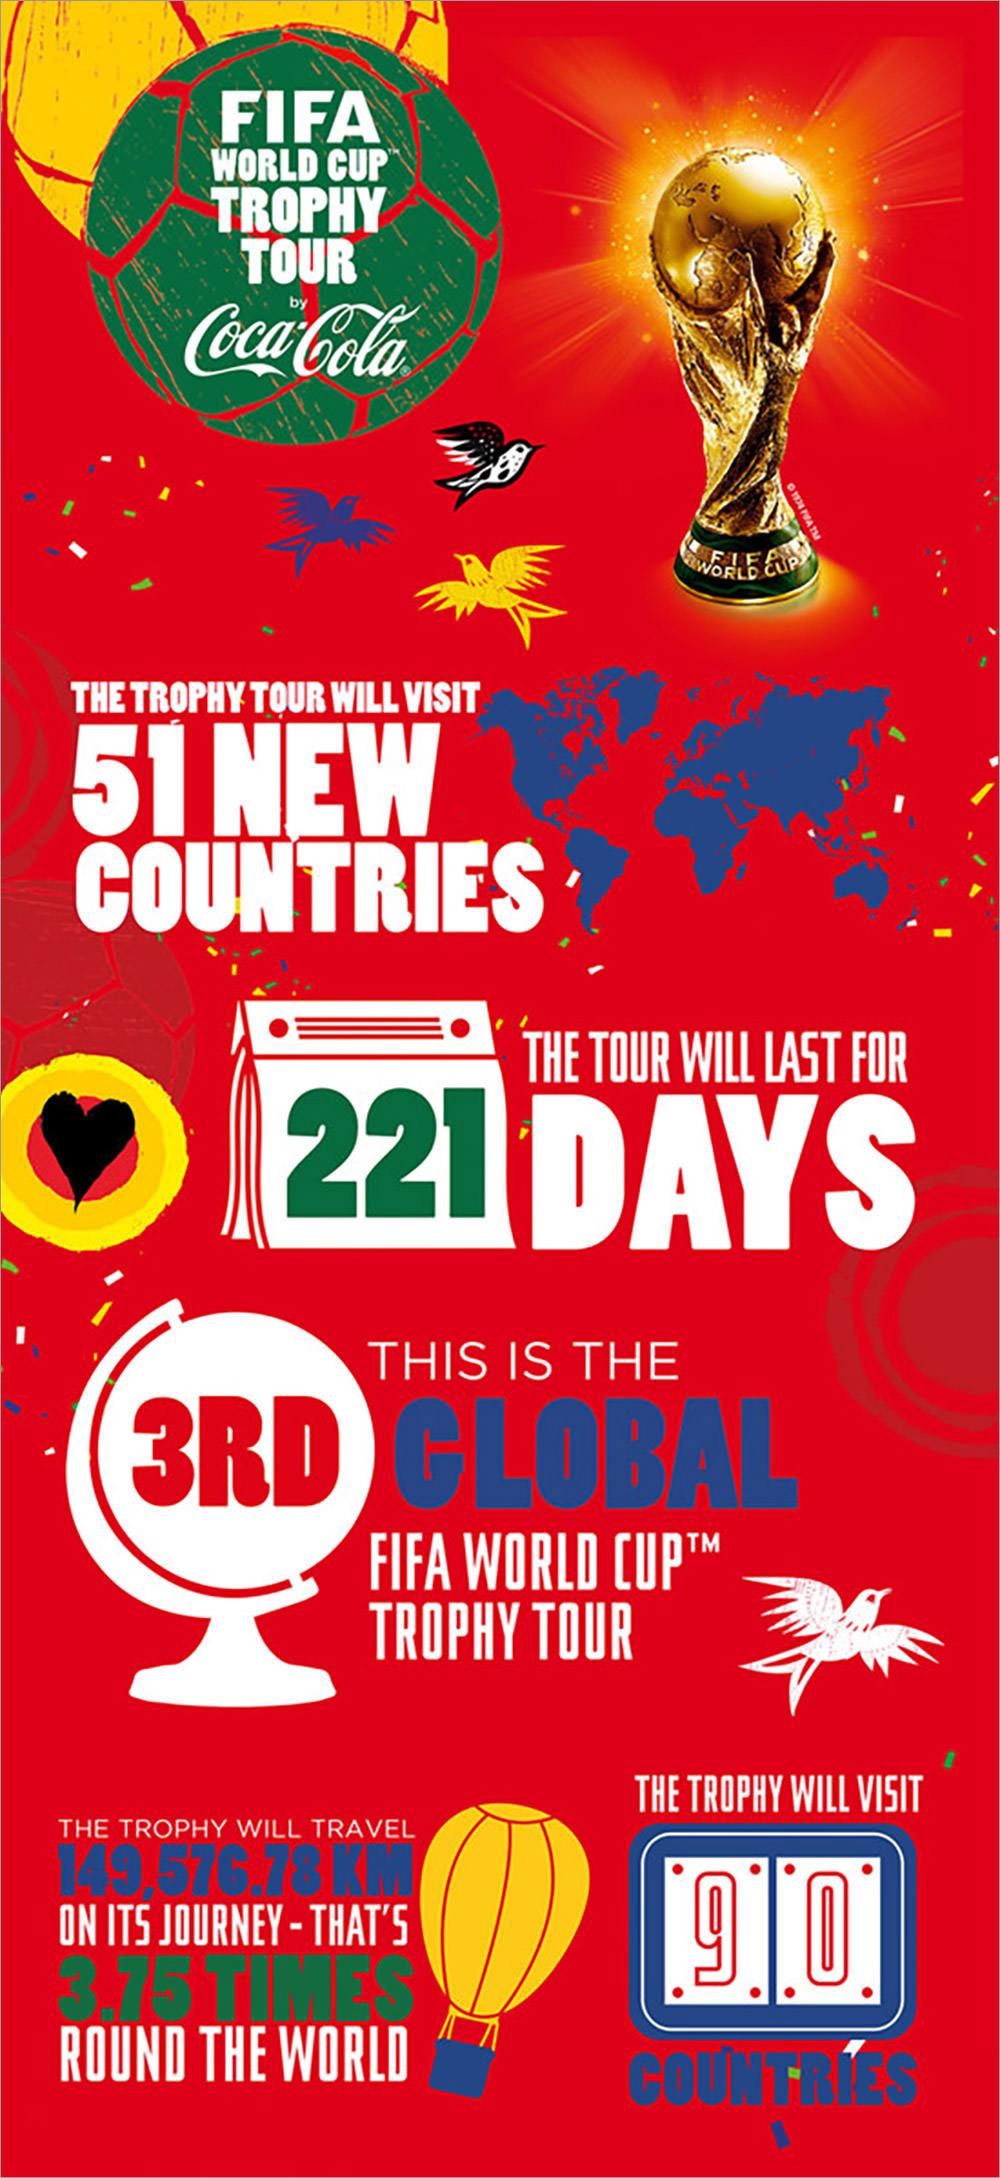 Coca Cola World Cup Trophy Tour